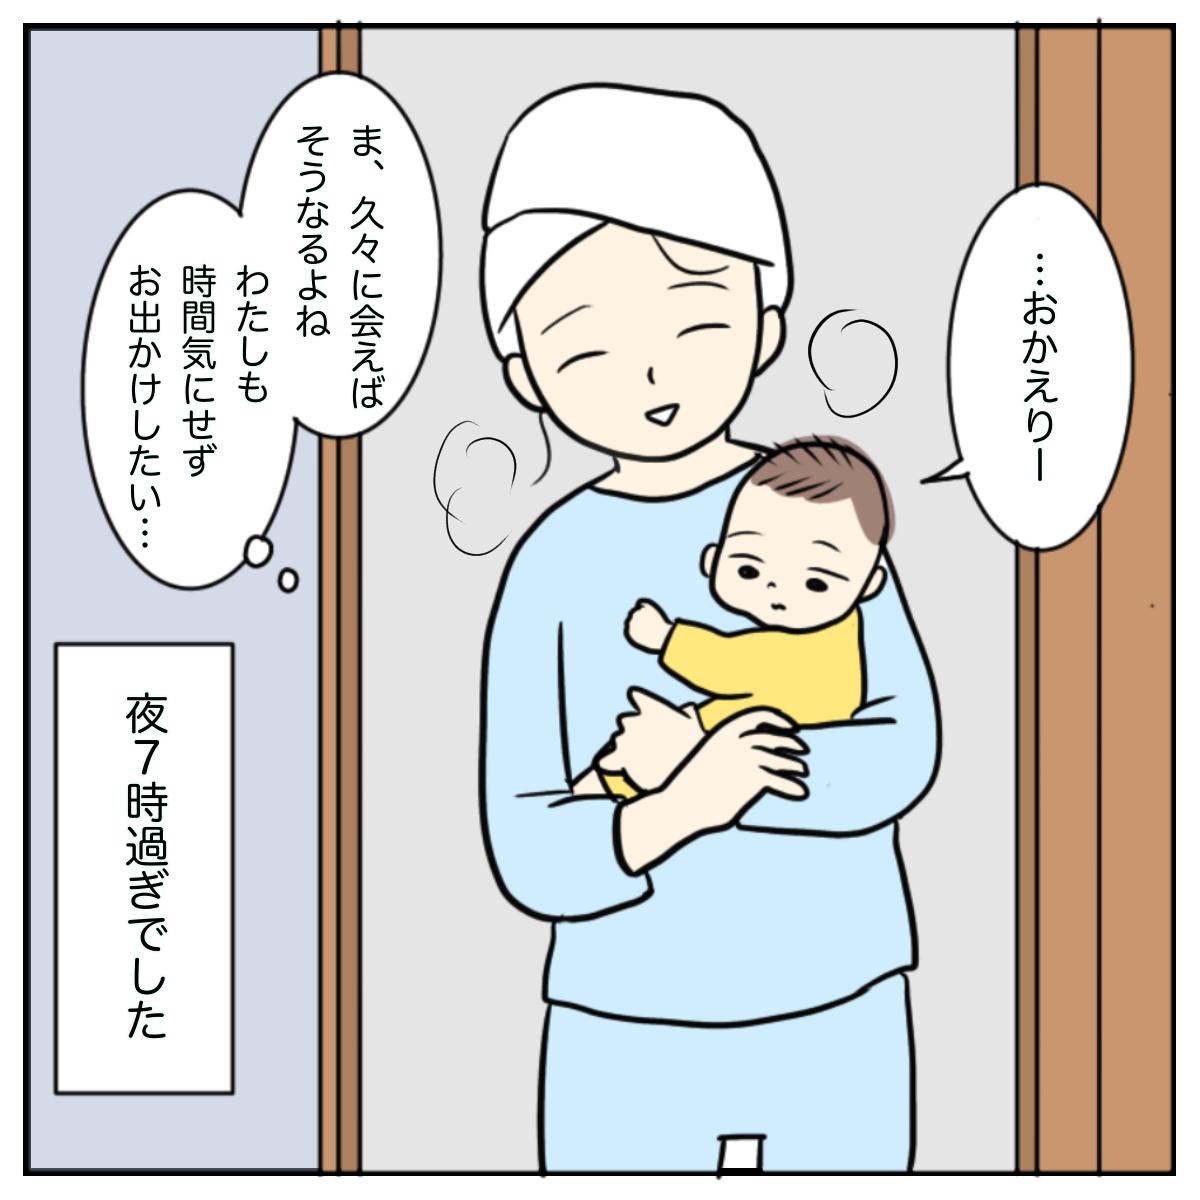 夫へのモヤモヤが続くワンオペ育児…、私限界なのかもしれない【私の産後クライシス Vol.1】